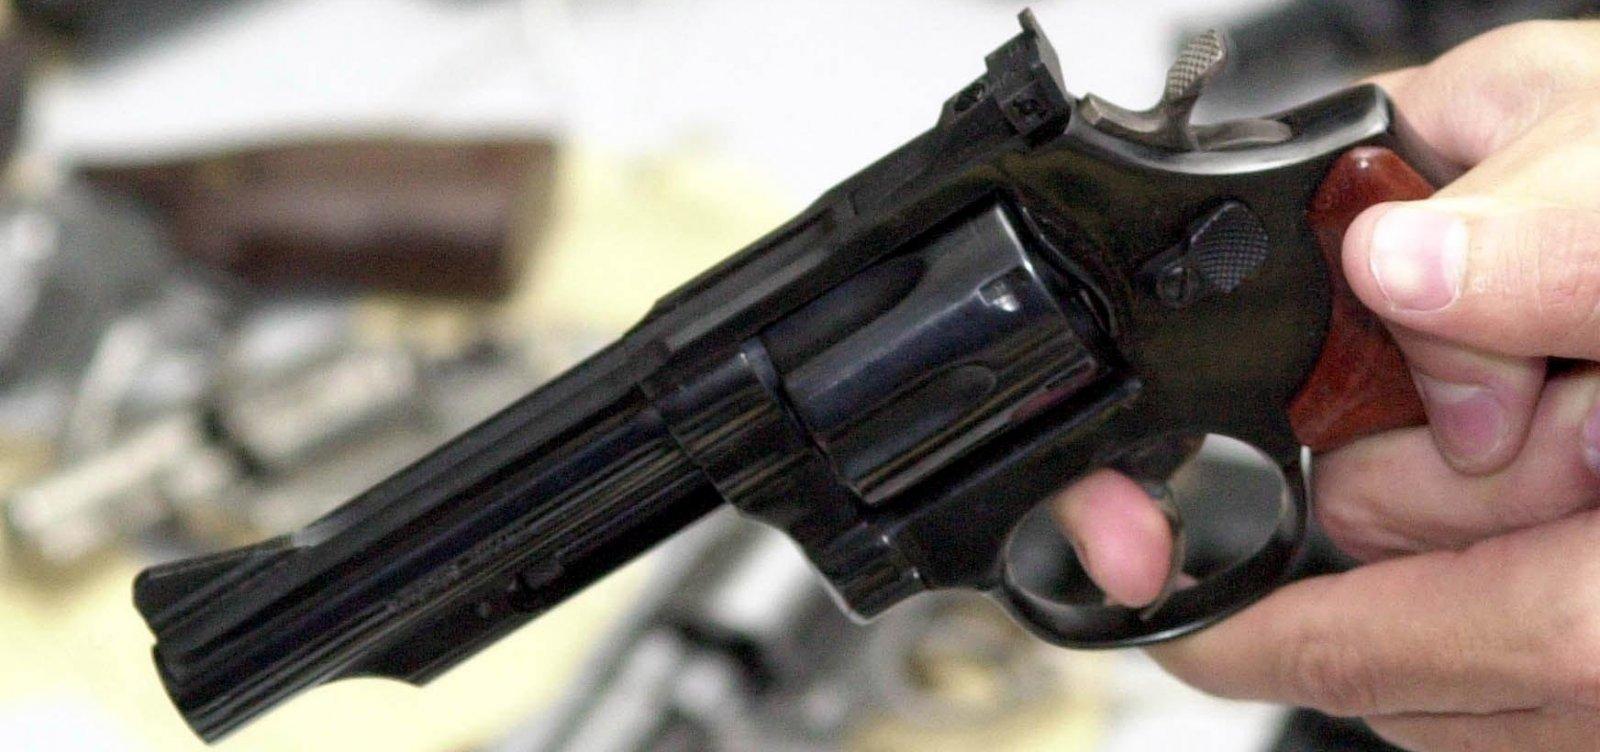 [Liberação da posse de arma pode abranger 76% da população brasileira]